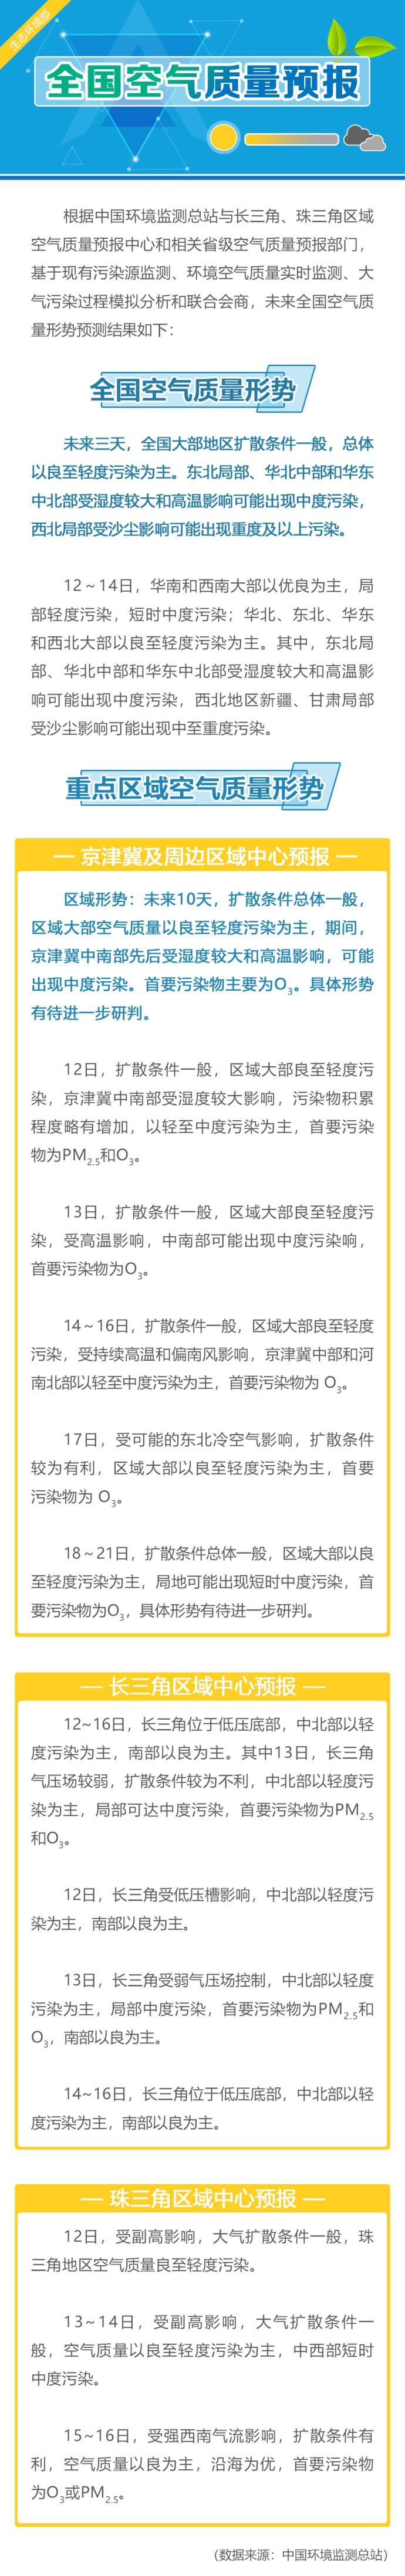 未来3天华北中部等地或中度污染 西北局部或重污染